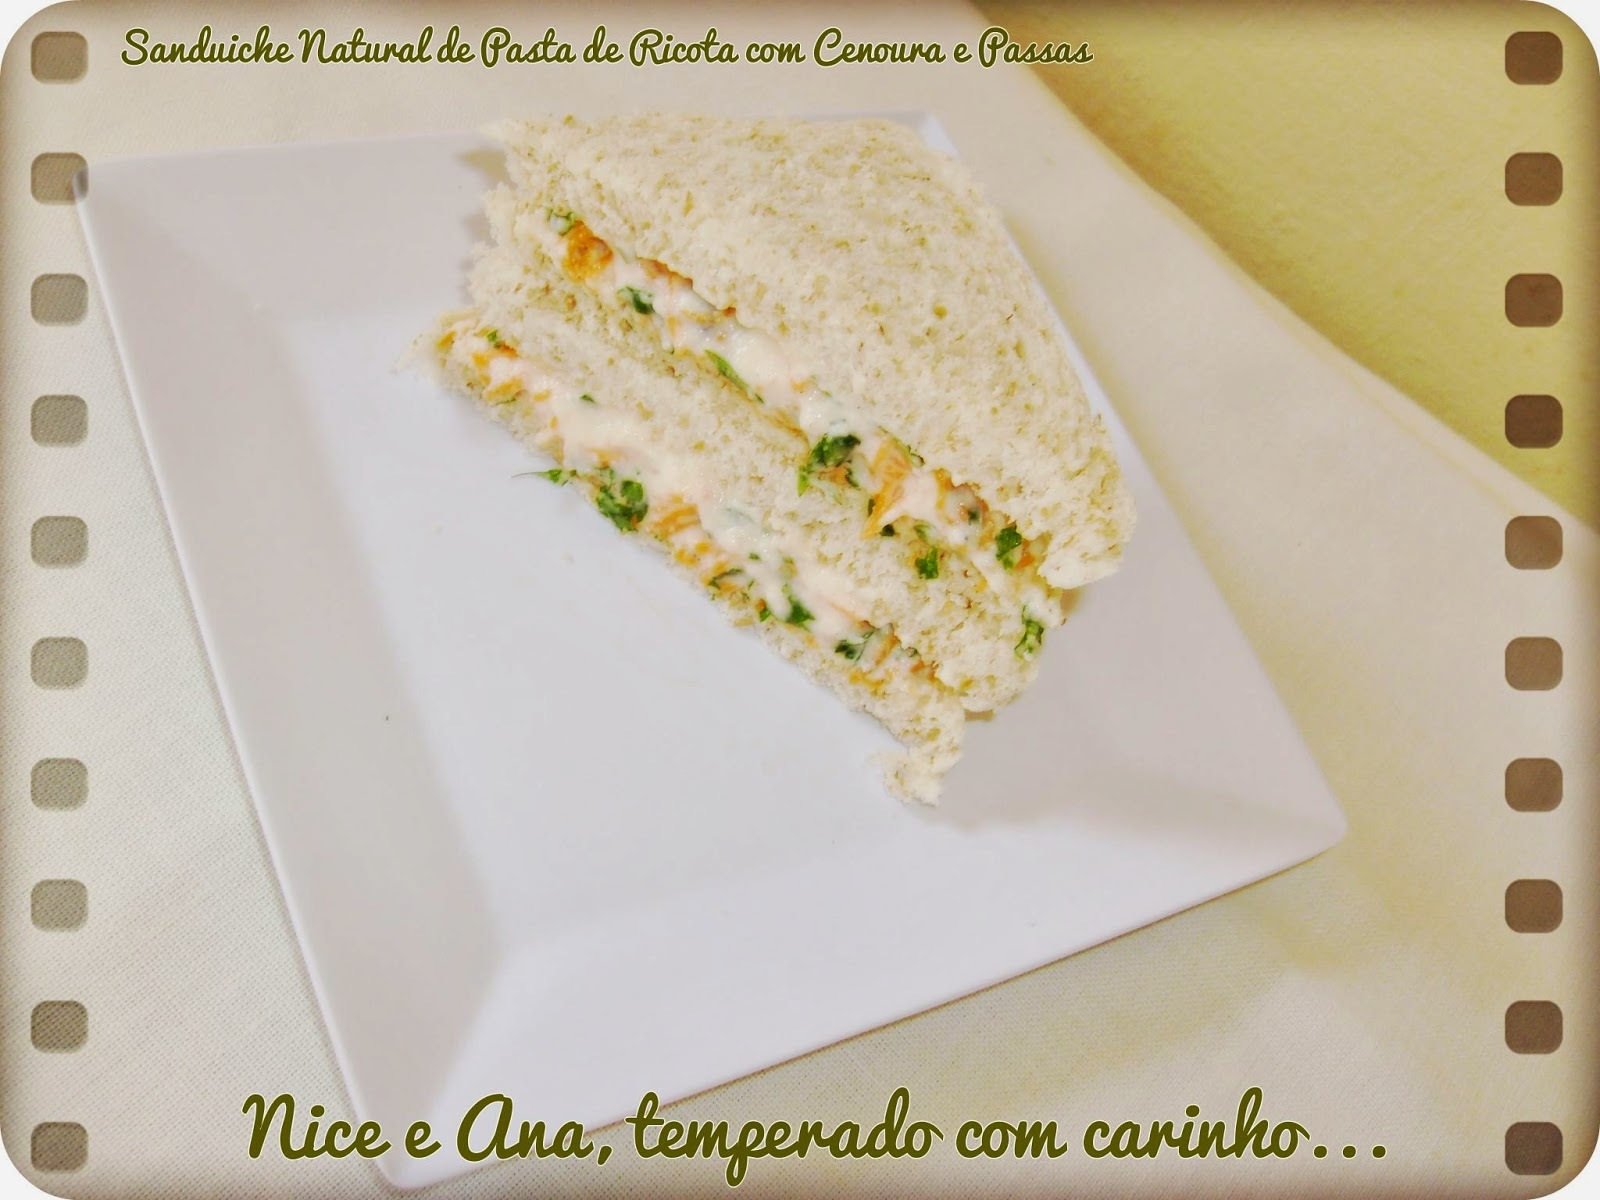 Sanduíche Natural de Pasta de Ricota com Cenoura e Passas